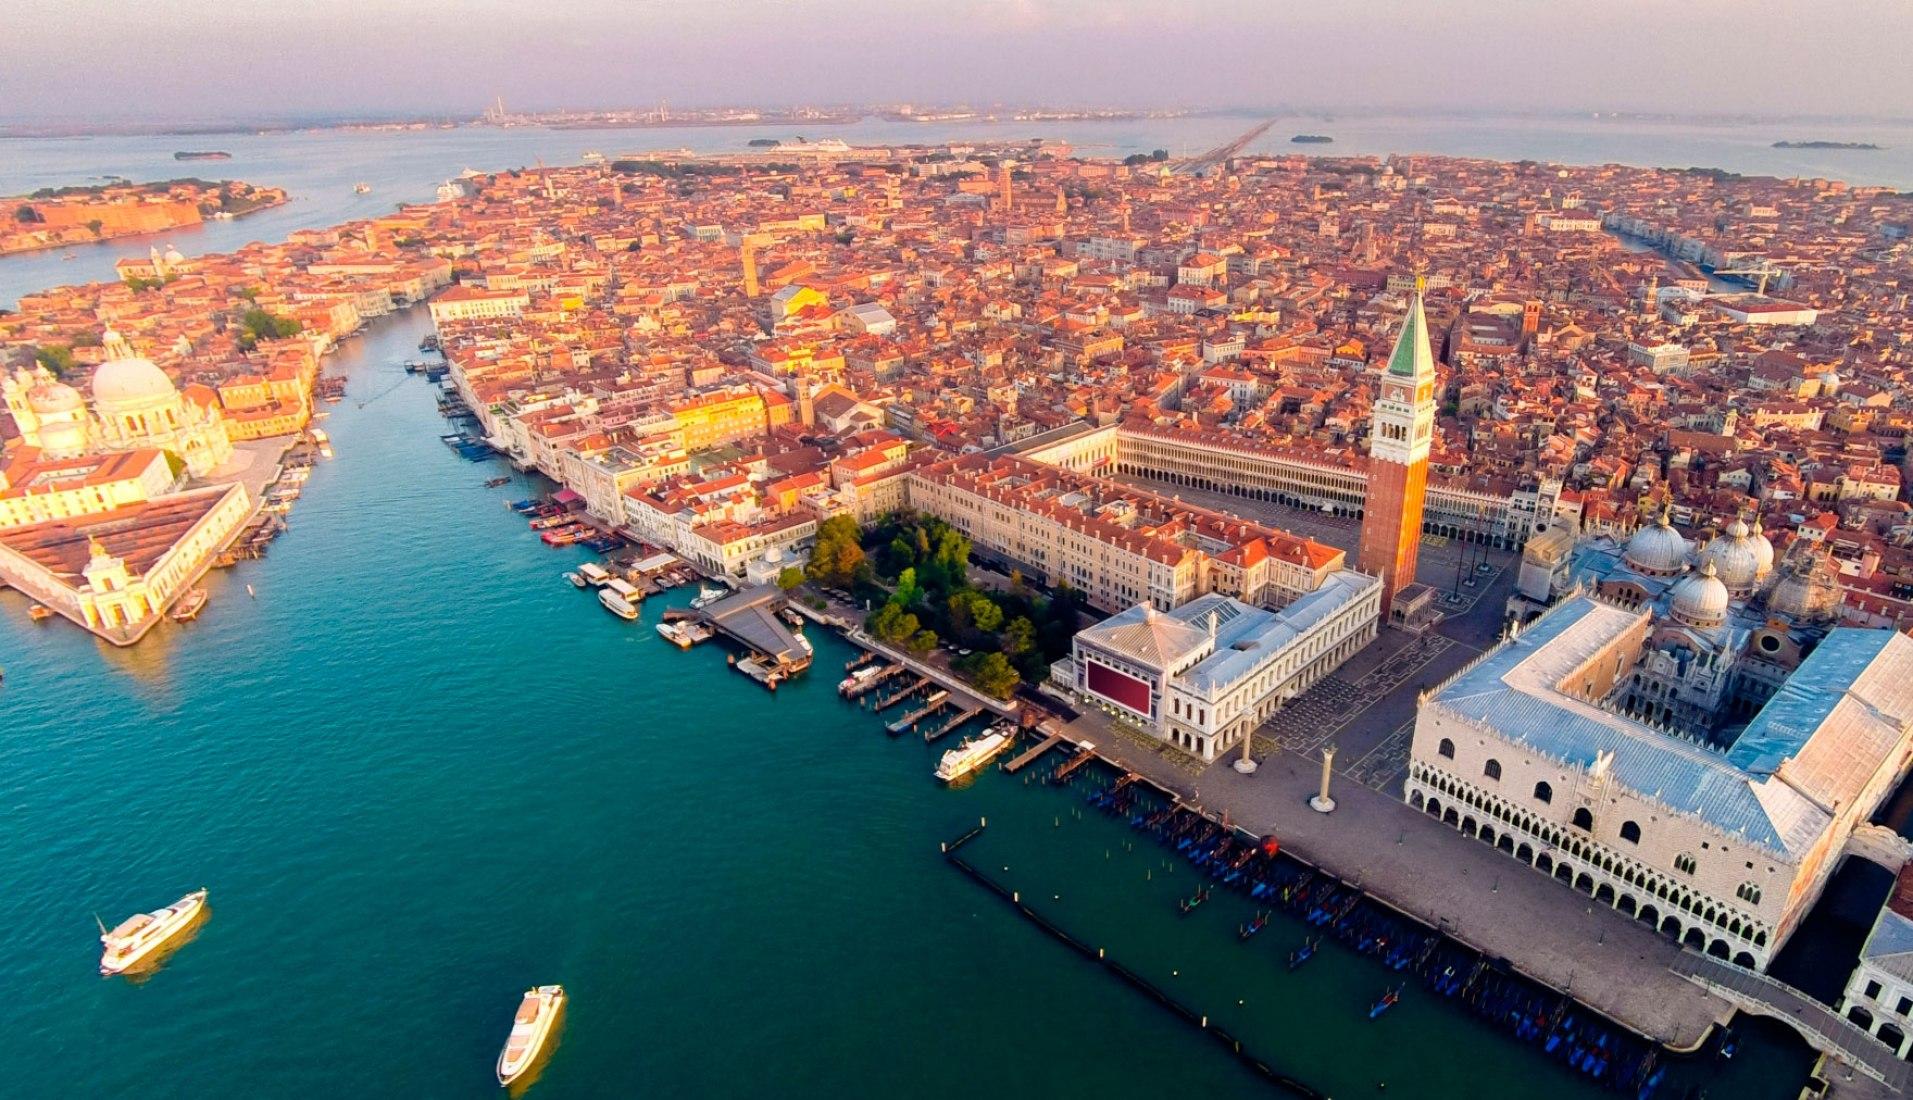 Renovación del histórico edificio Procuratie Vecchie en Venecia por David Chipperfield. Imagen cortesía de David Chipperfield Architects.